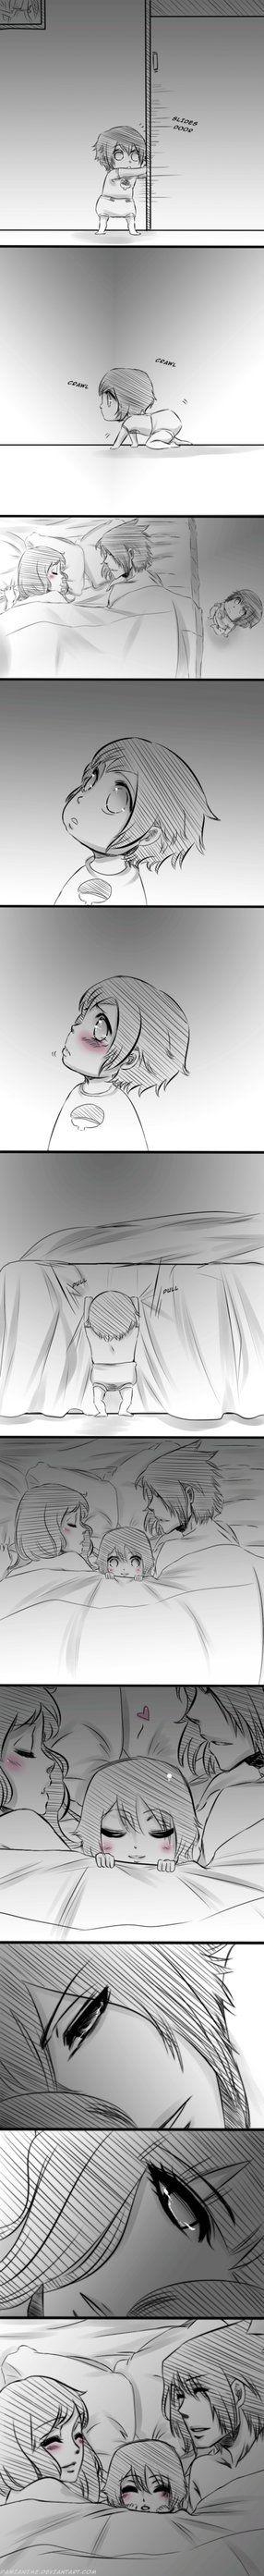 Sasuke, Sakura and Sarada....I swear I don't ship it...but still...with fanart like this...it makes it so hard not to lol